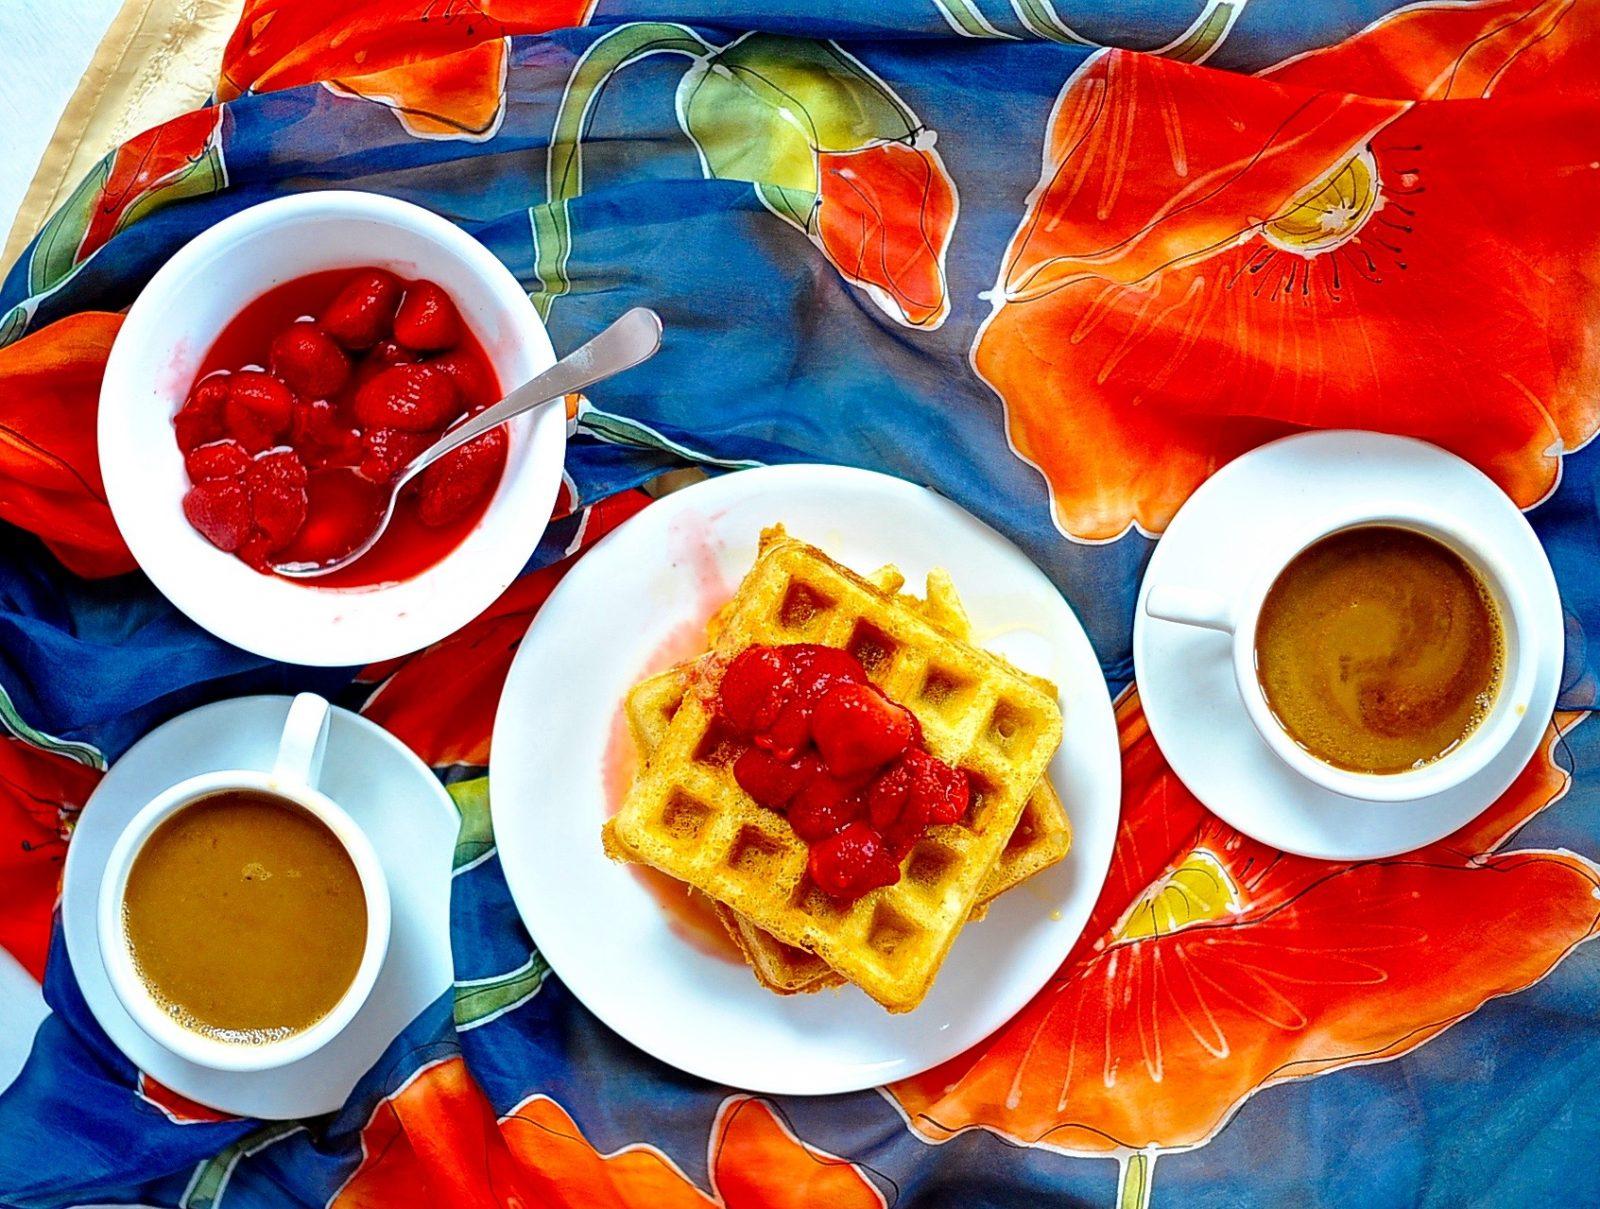 Vegan Raised Waffles, Yeasted Overnight Waffles (Aquafaba)